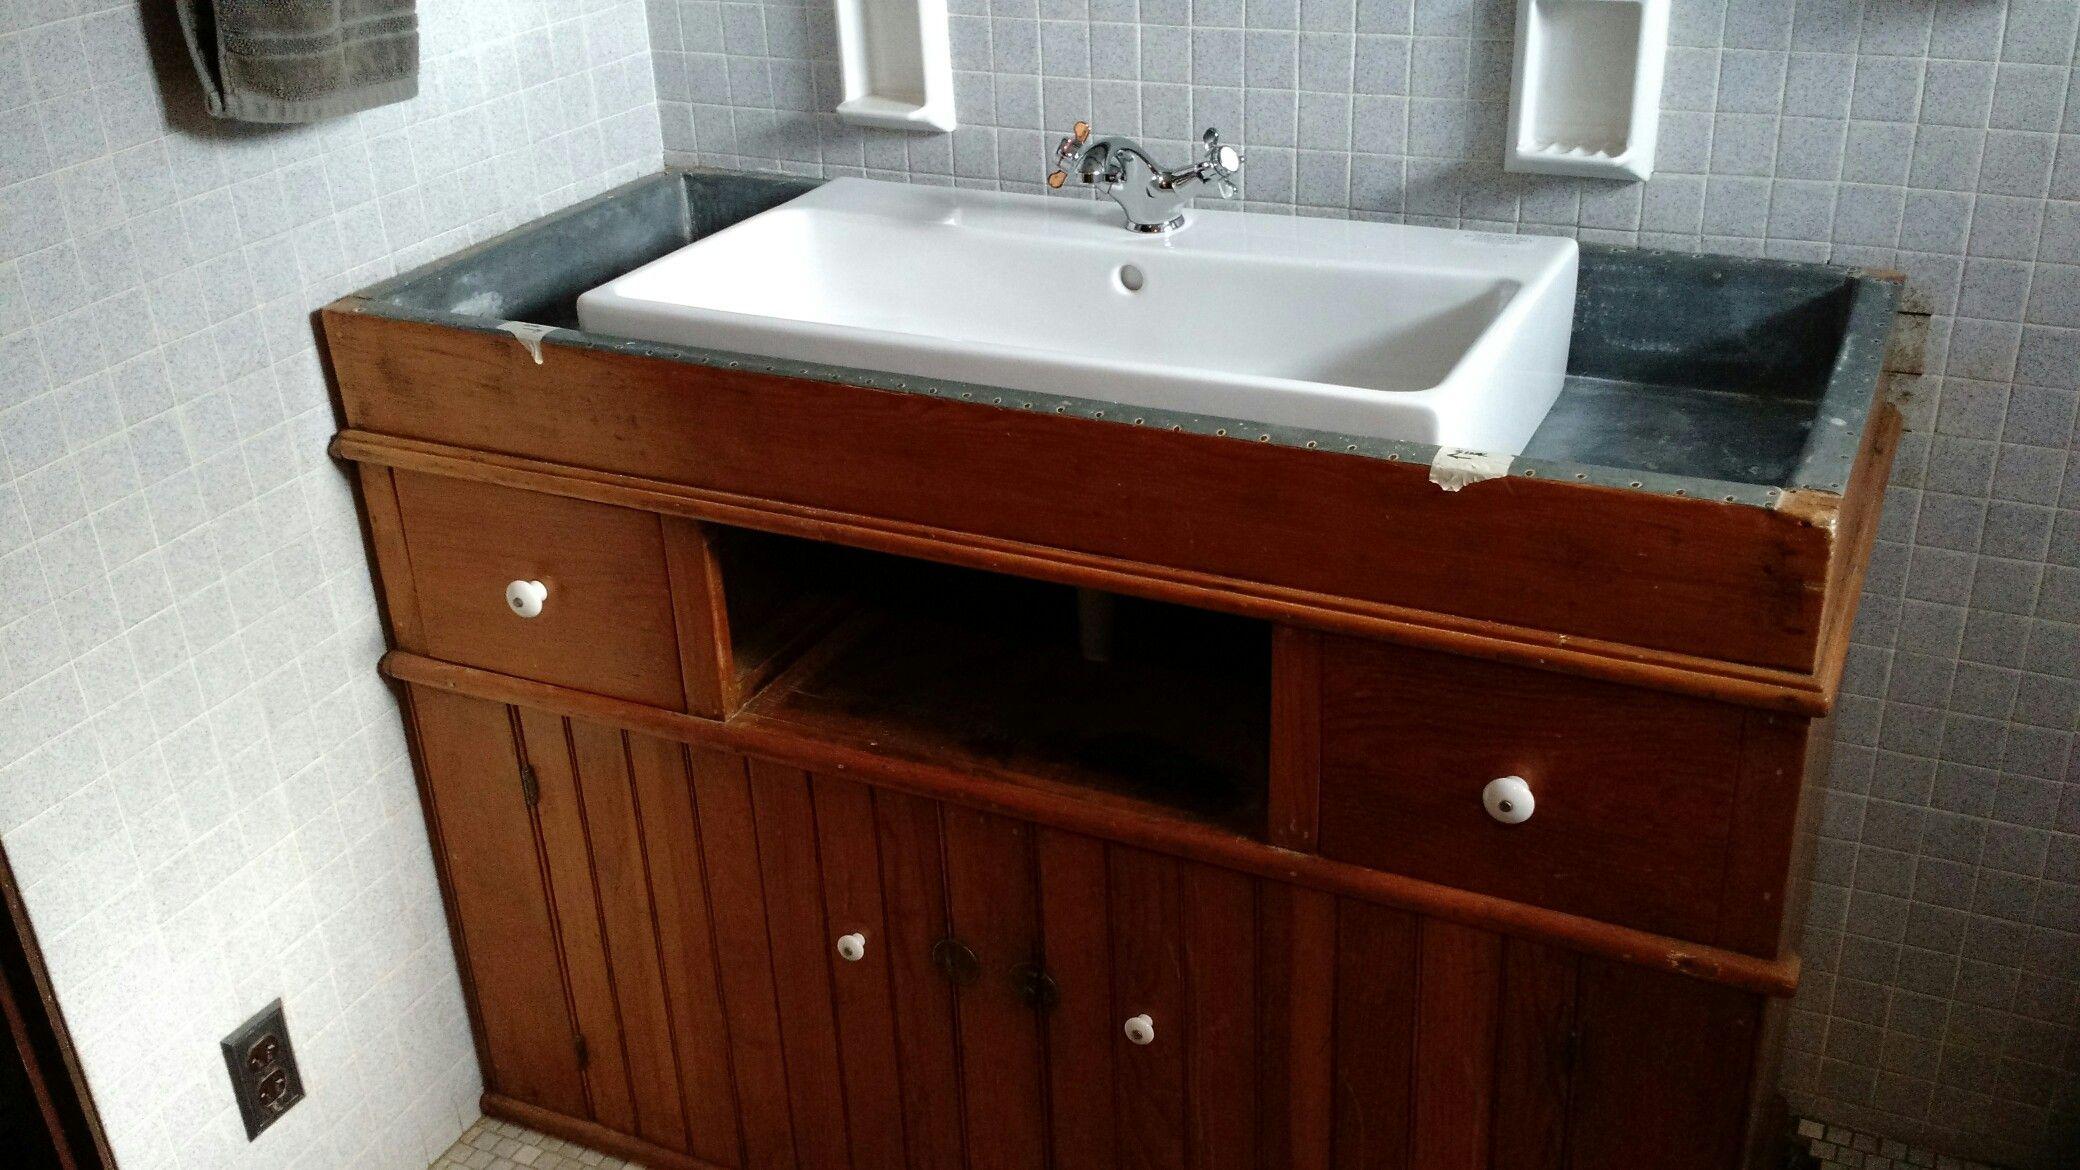 Dry sink converted to bathroom aink | Dry sink, Sink, Bathroom